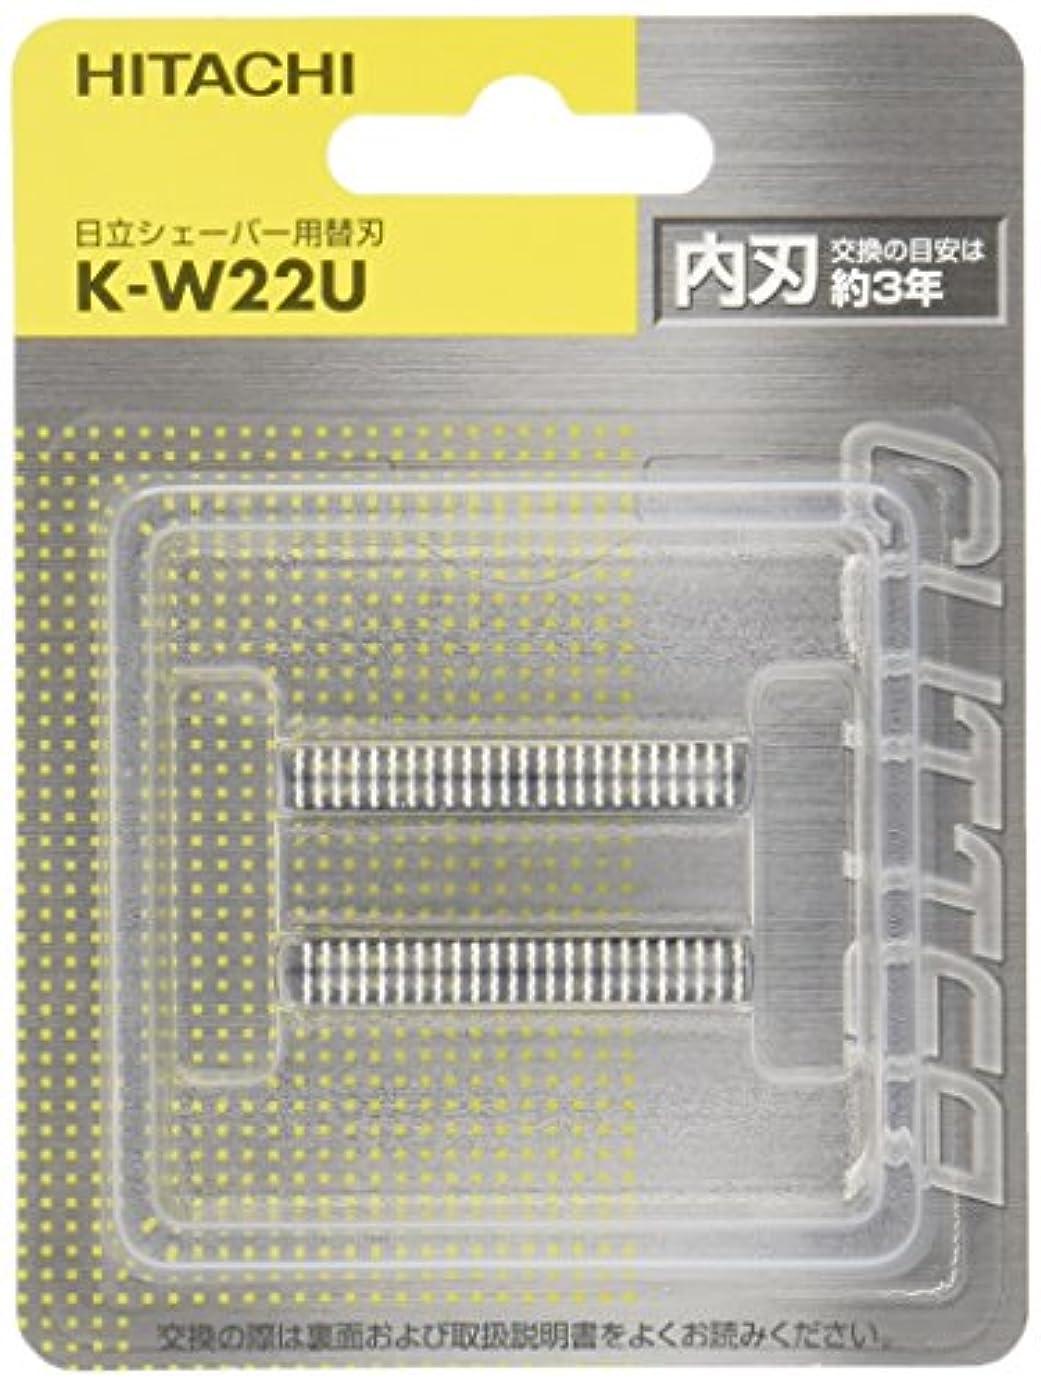 時代遅れ夕暮れ汚れた日立 シェーバー用替刃(内刃) K-W22U